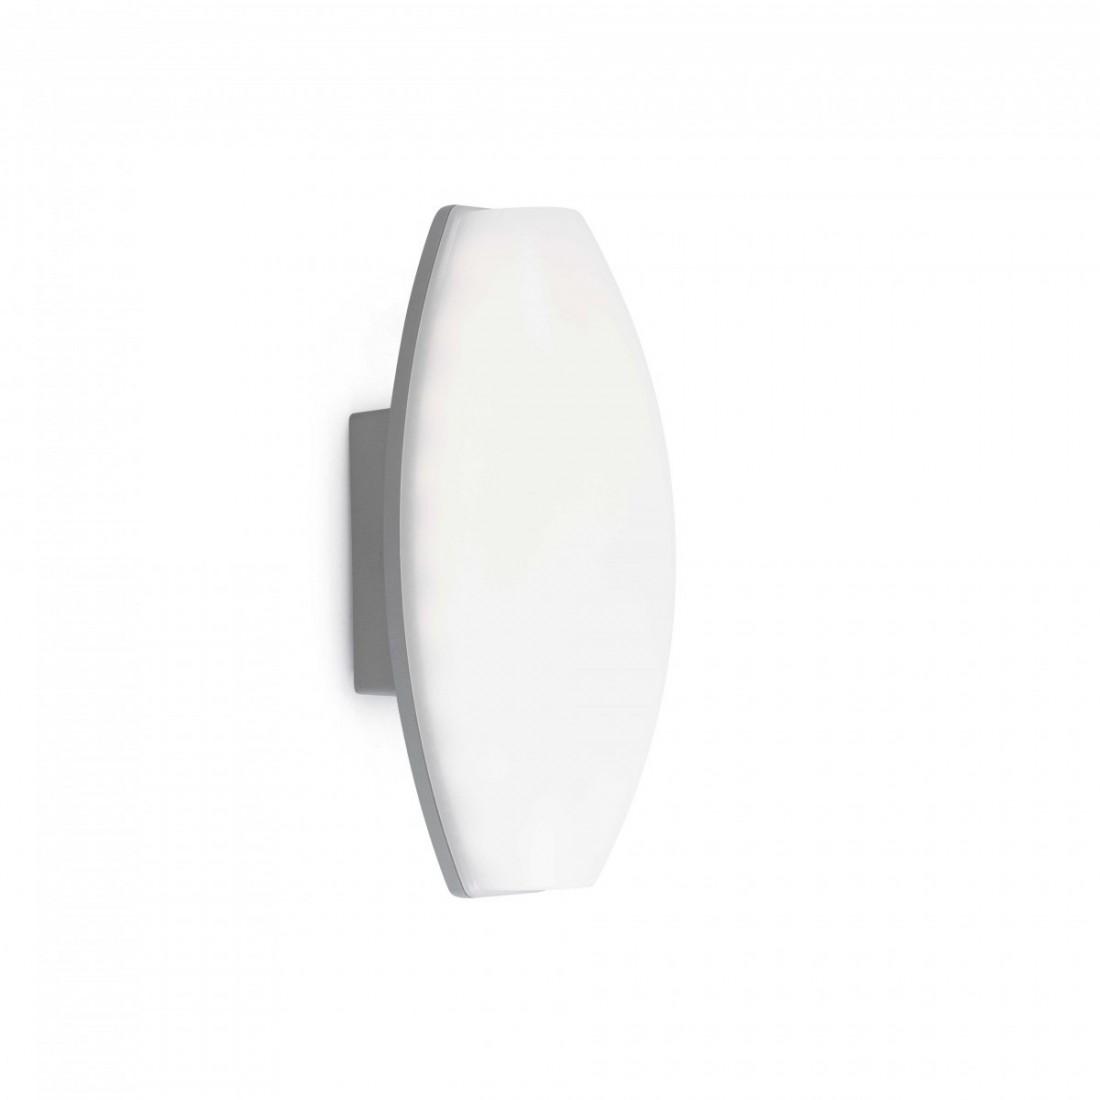 Apliques espejo apliques para espejo ba o apliques facil for Apliques de luz para bano